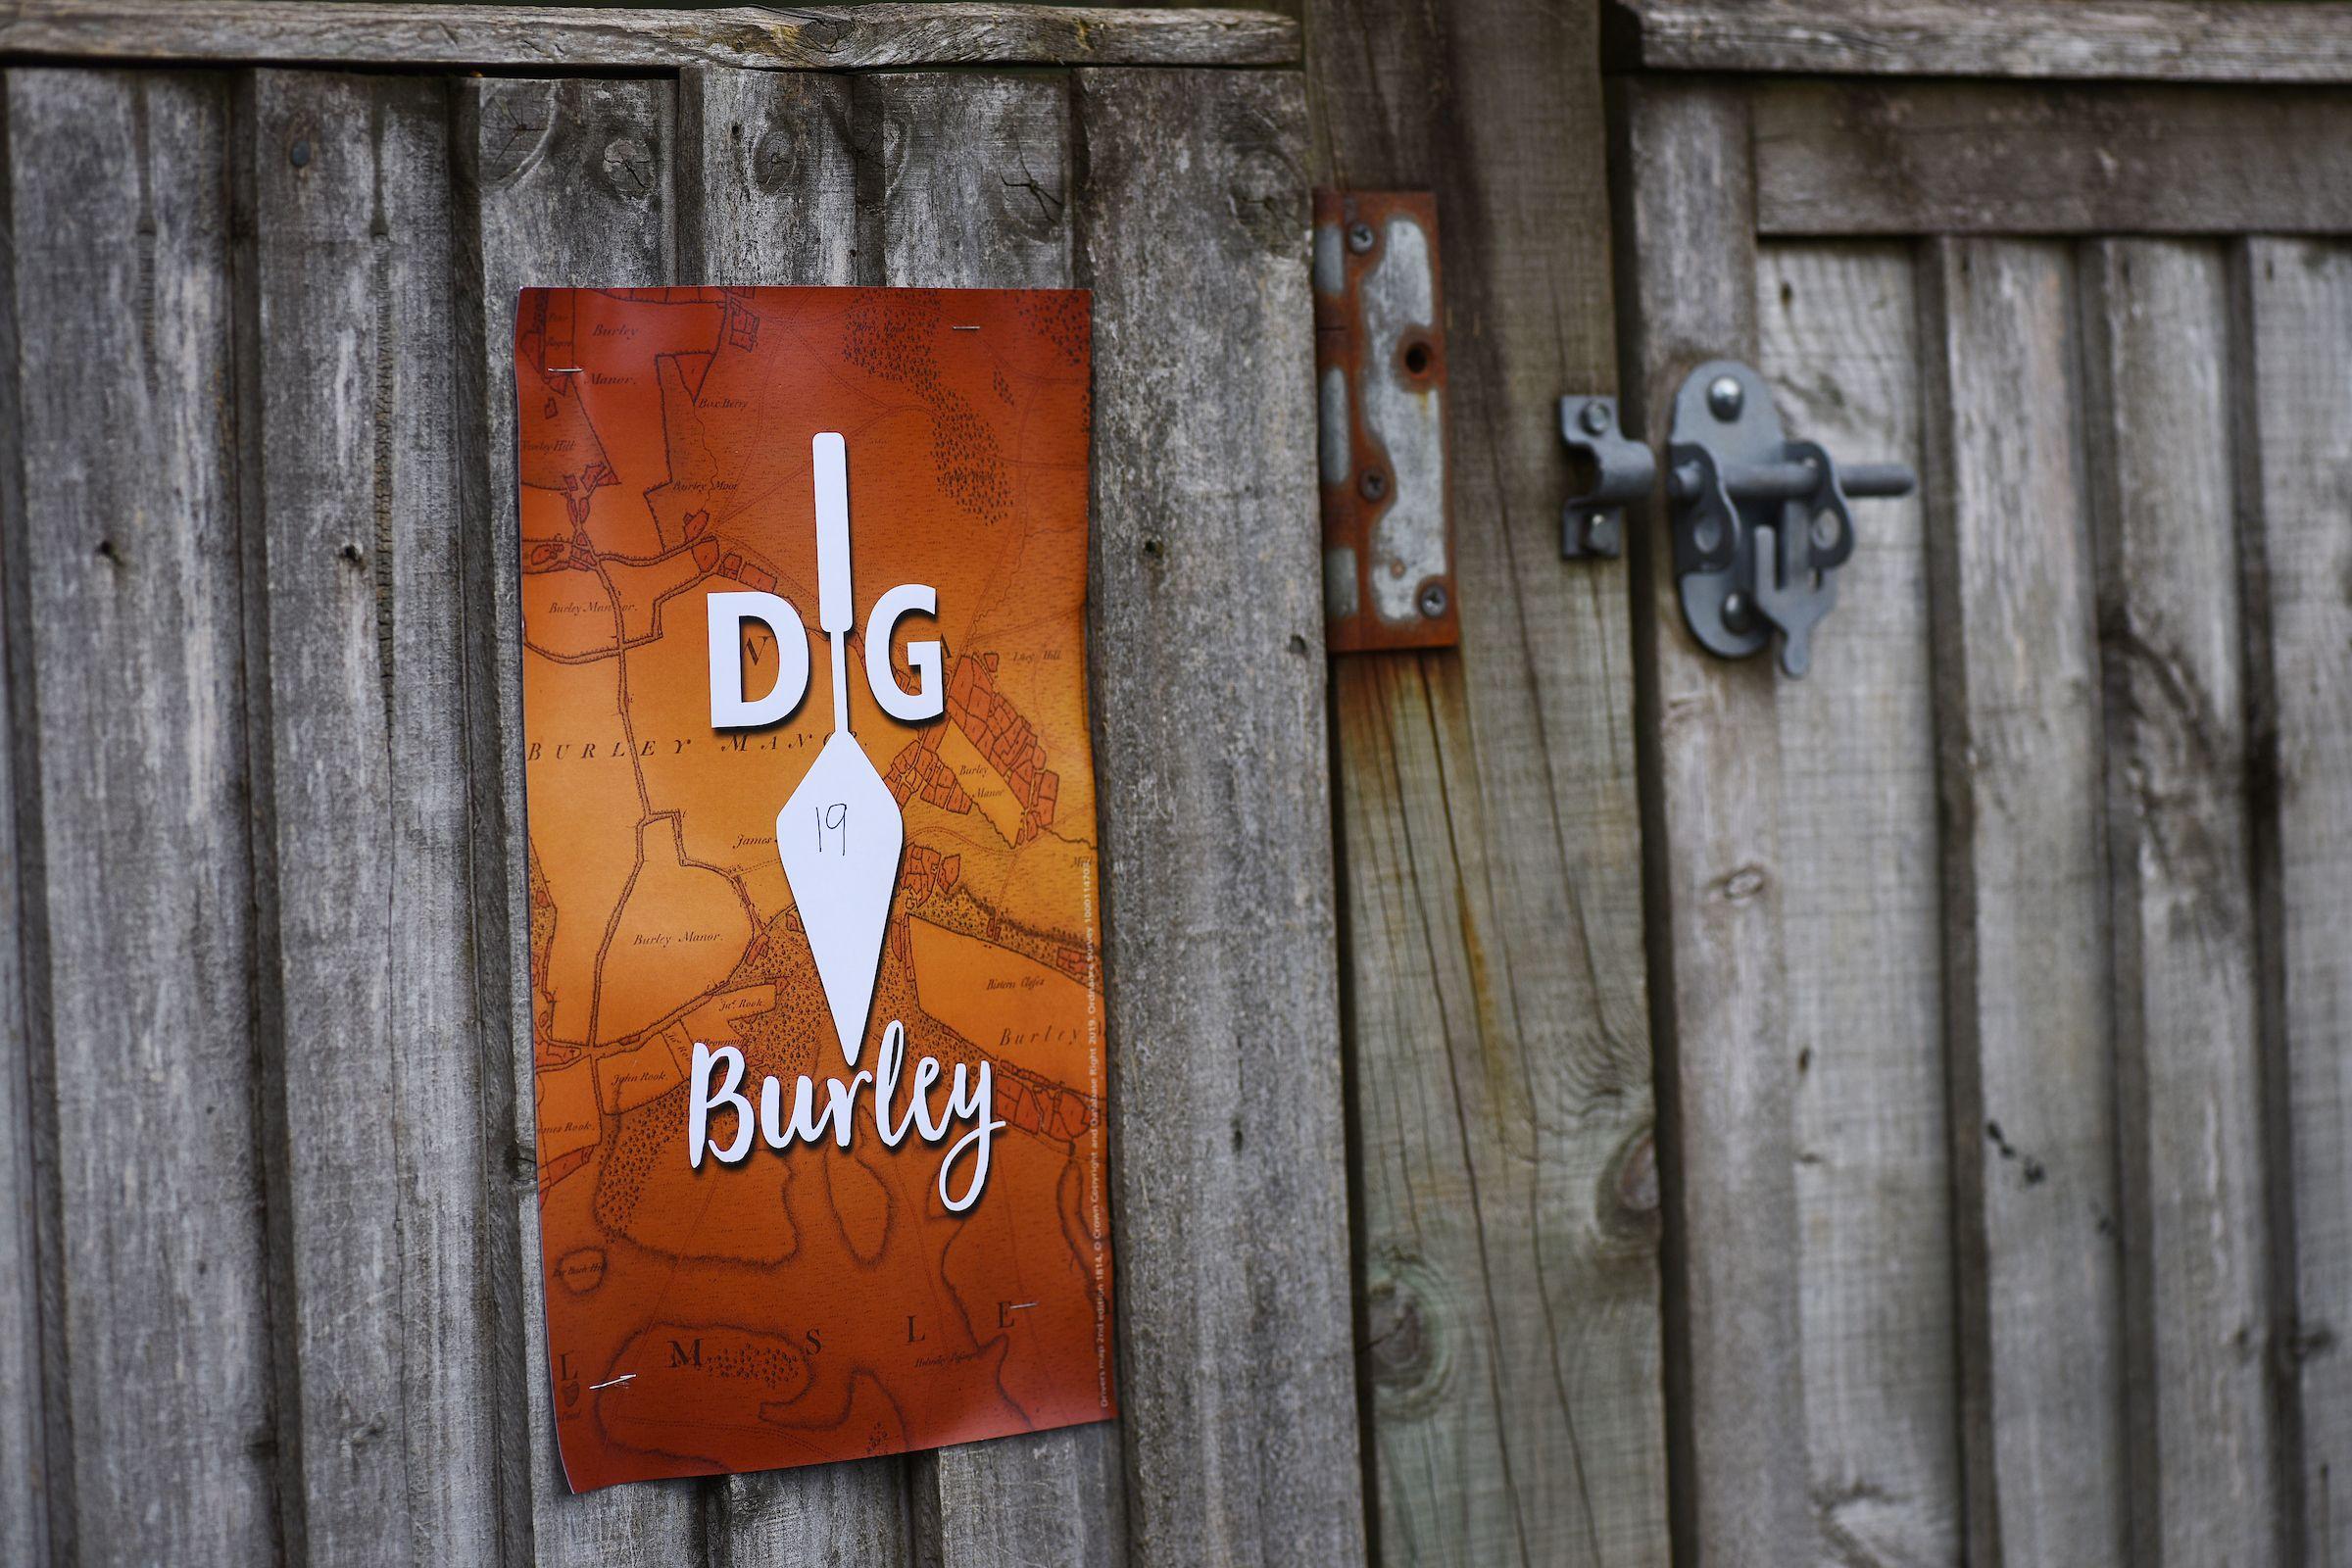 Dig Burley sign